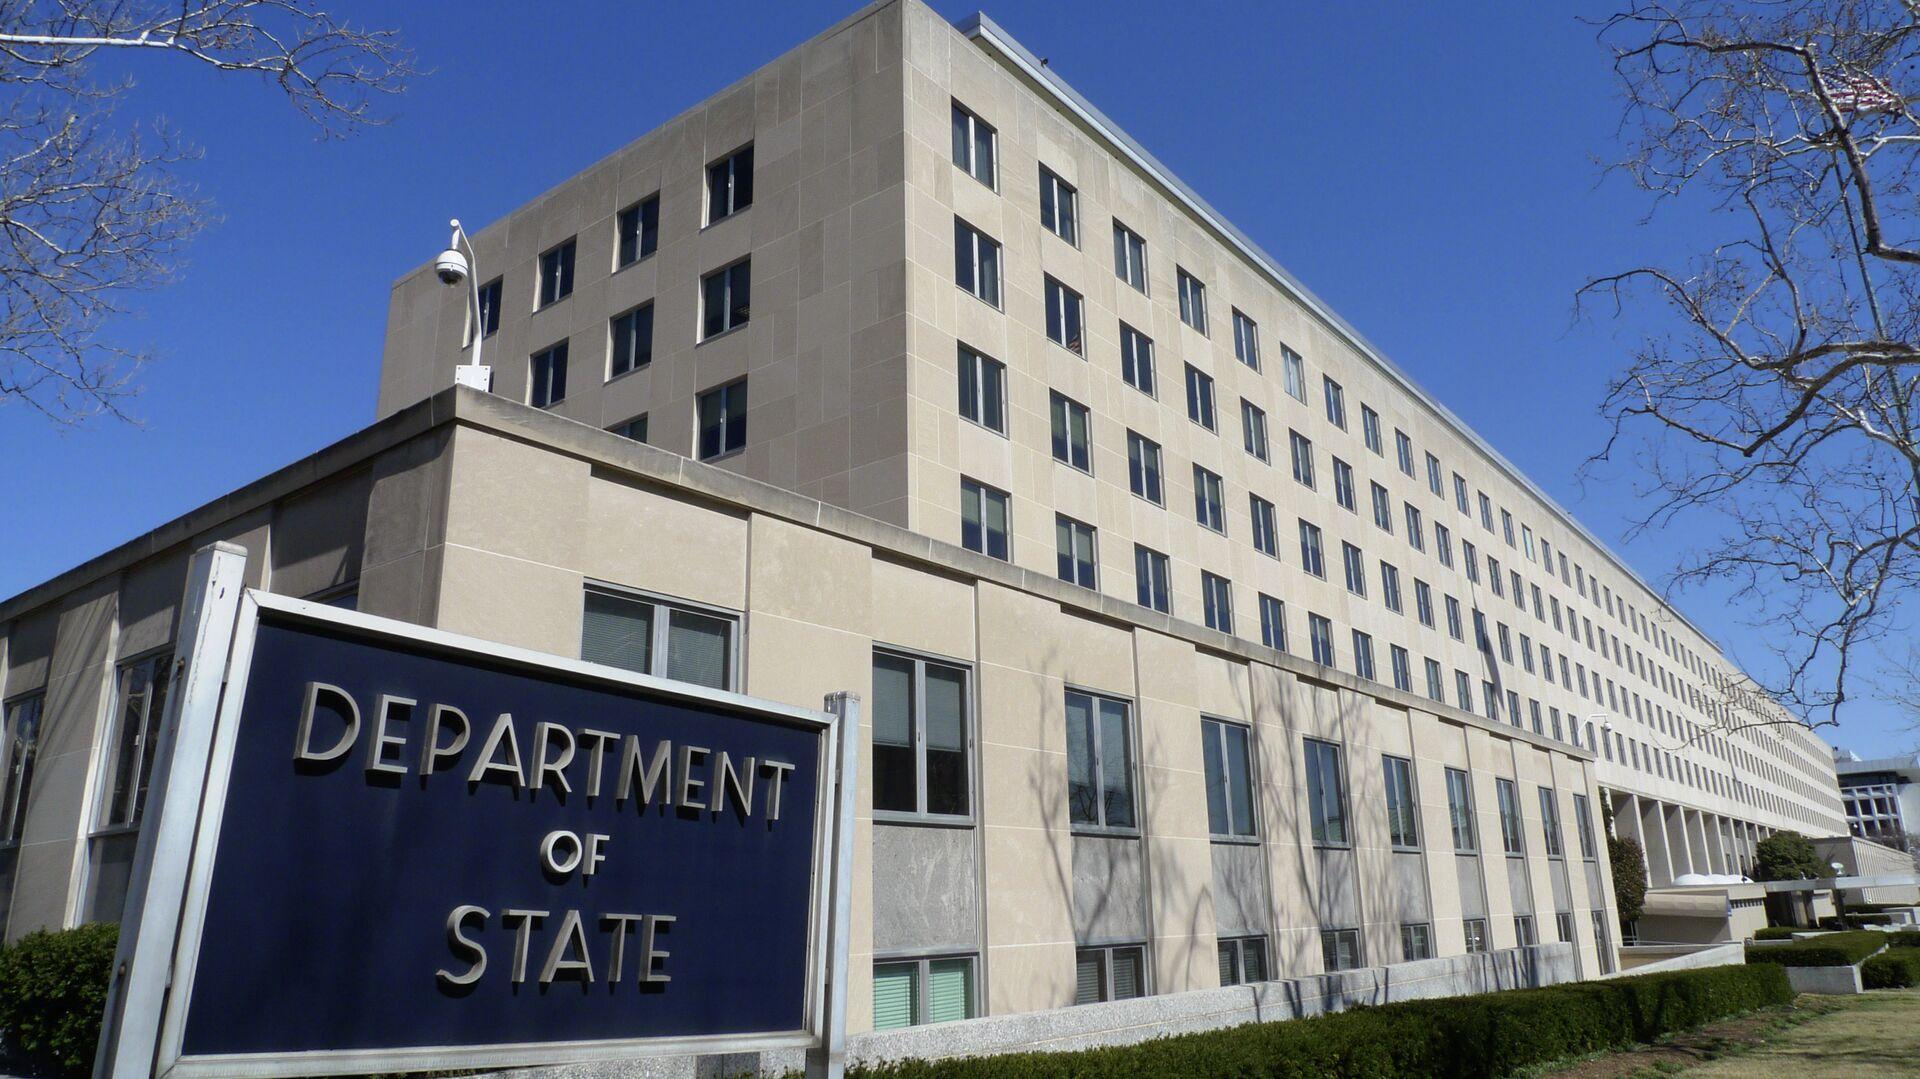 В ООН заявили, что санкции США нарушают права человека в России